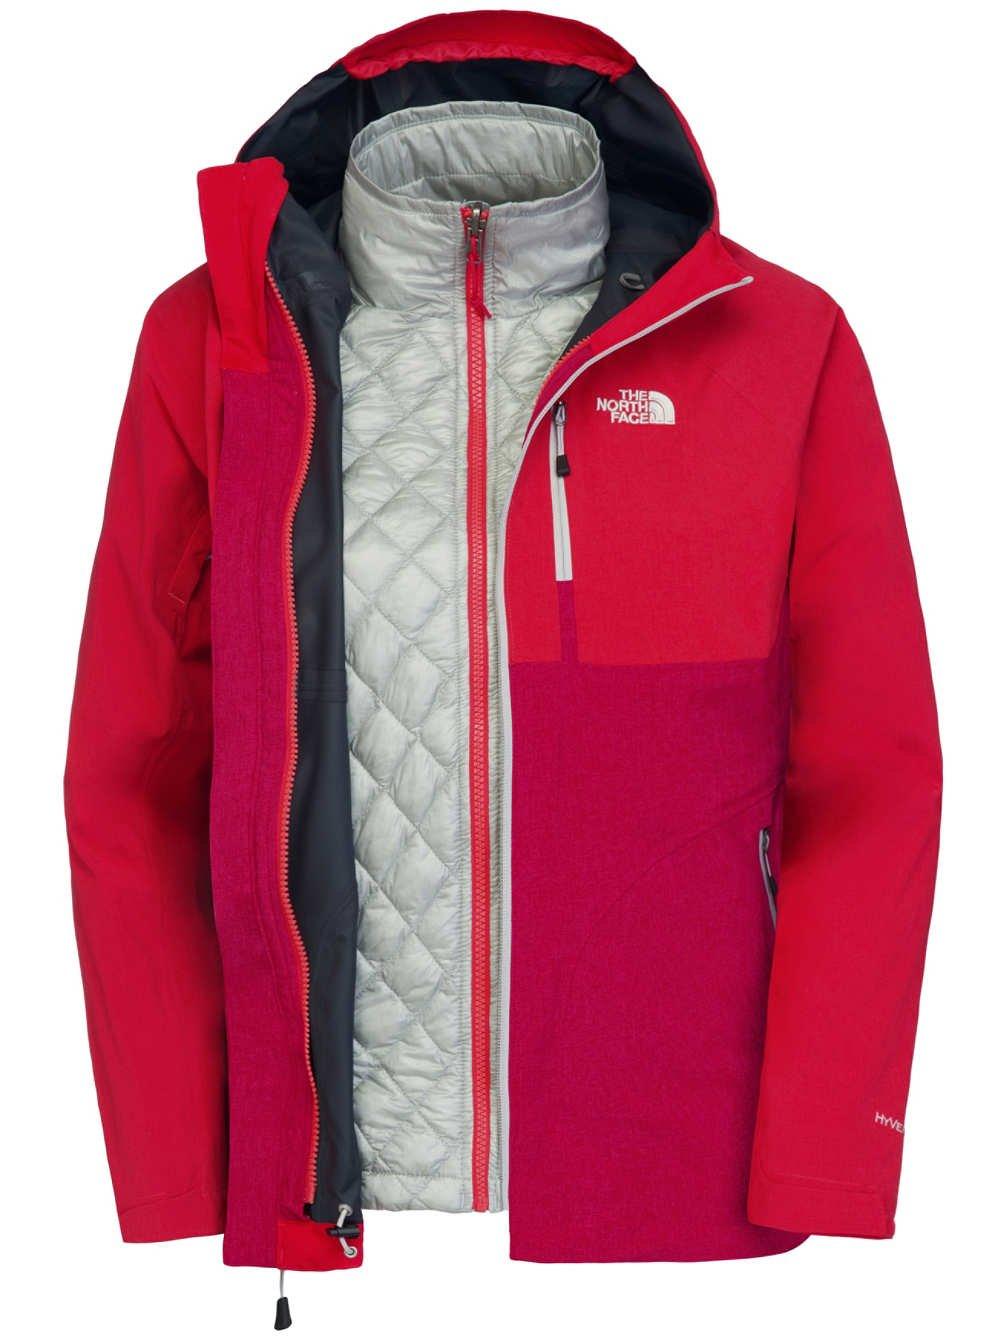 The North Face Damen Funktionsjacke jetzt kaufen